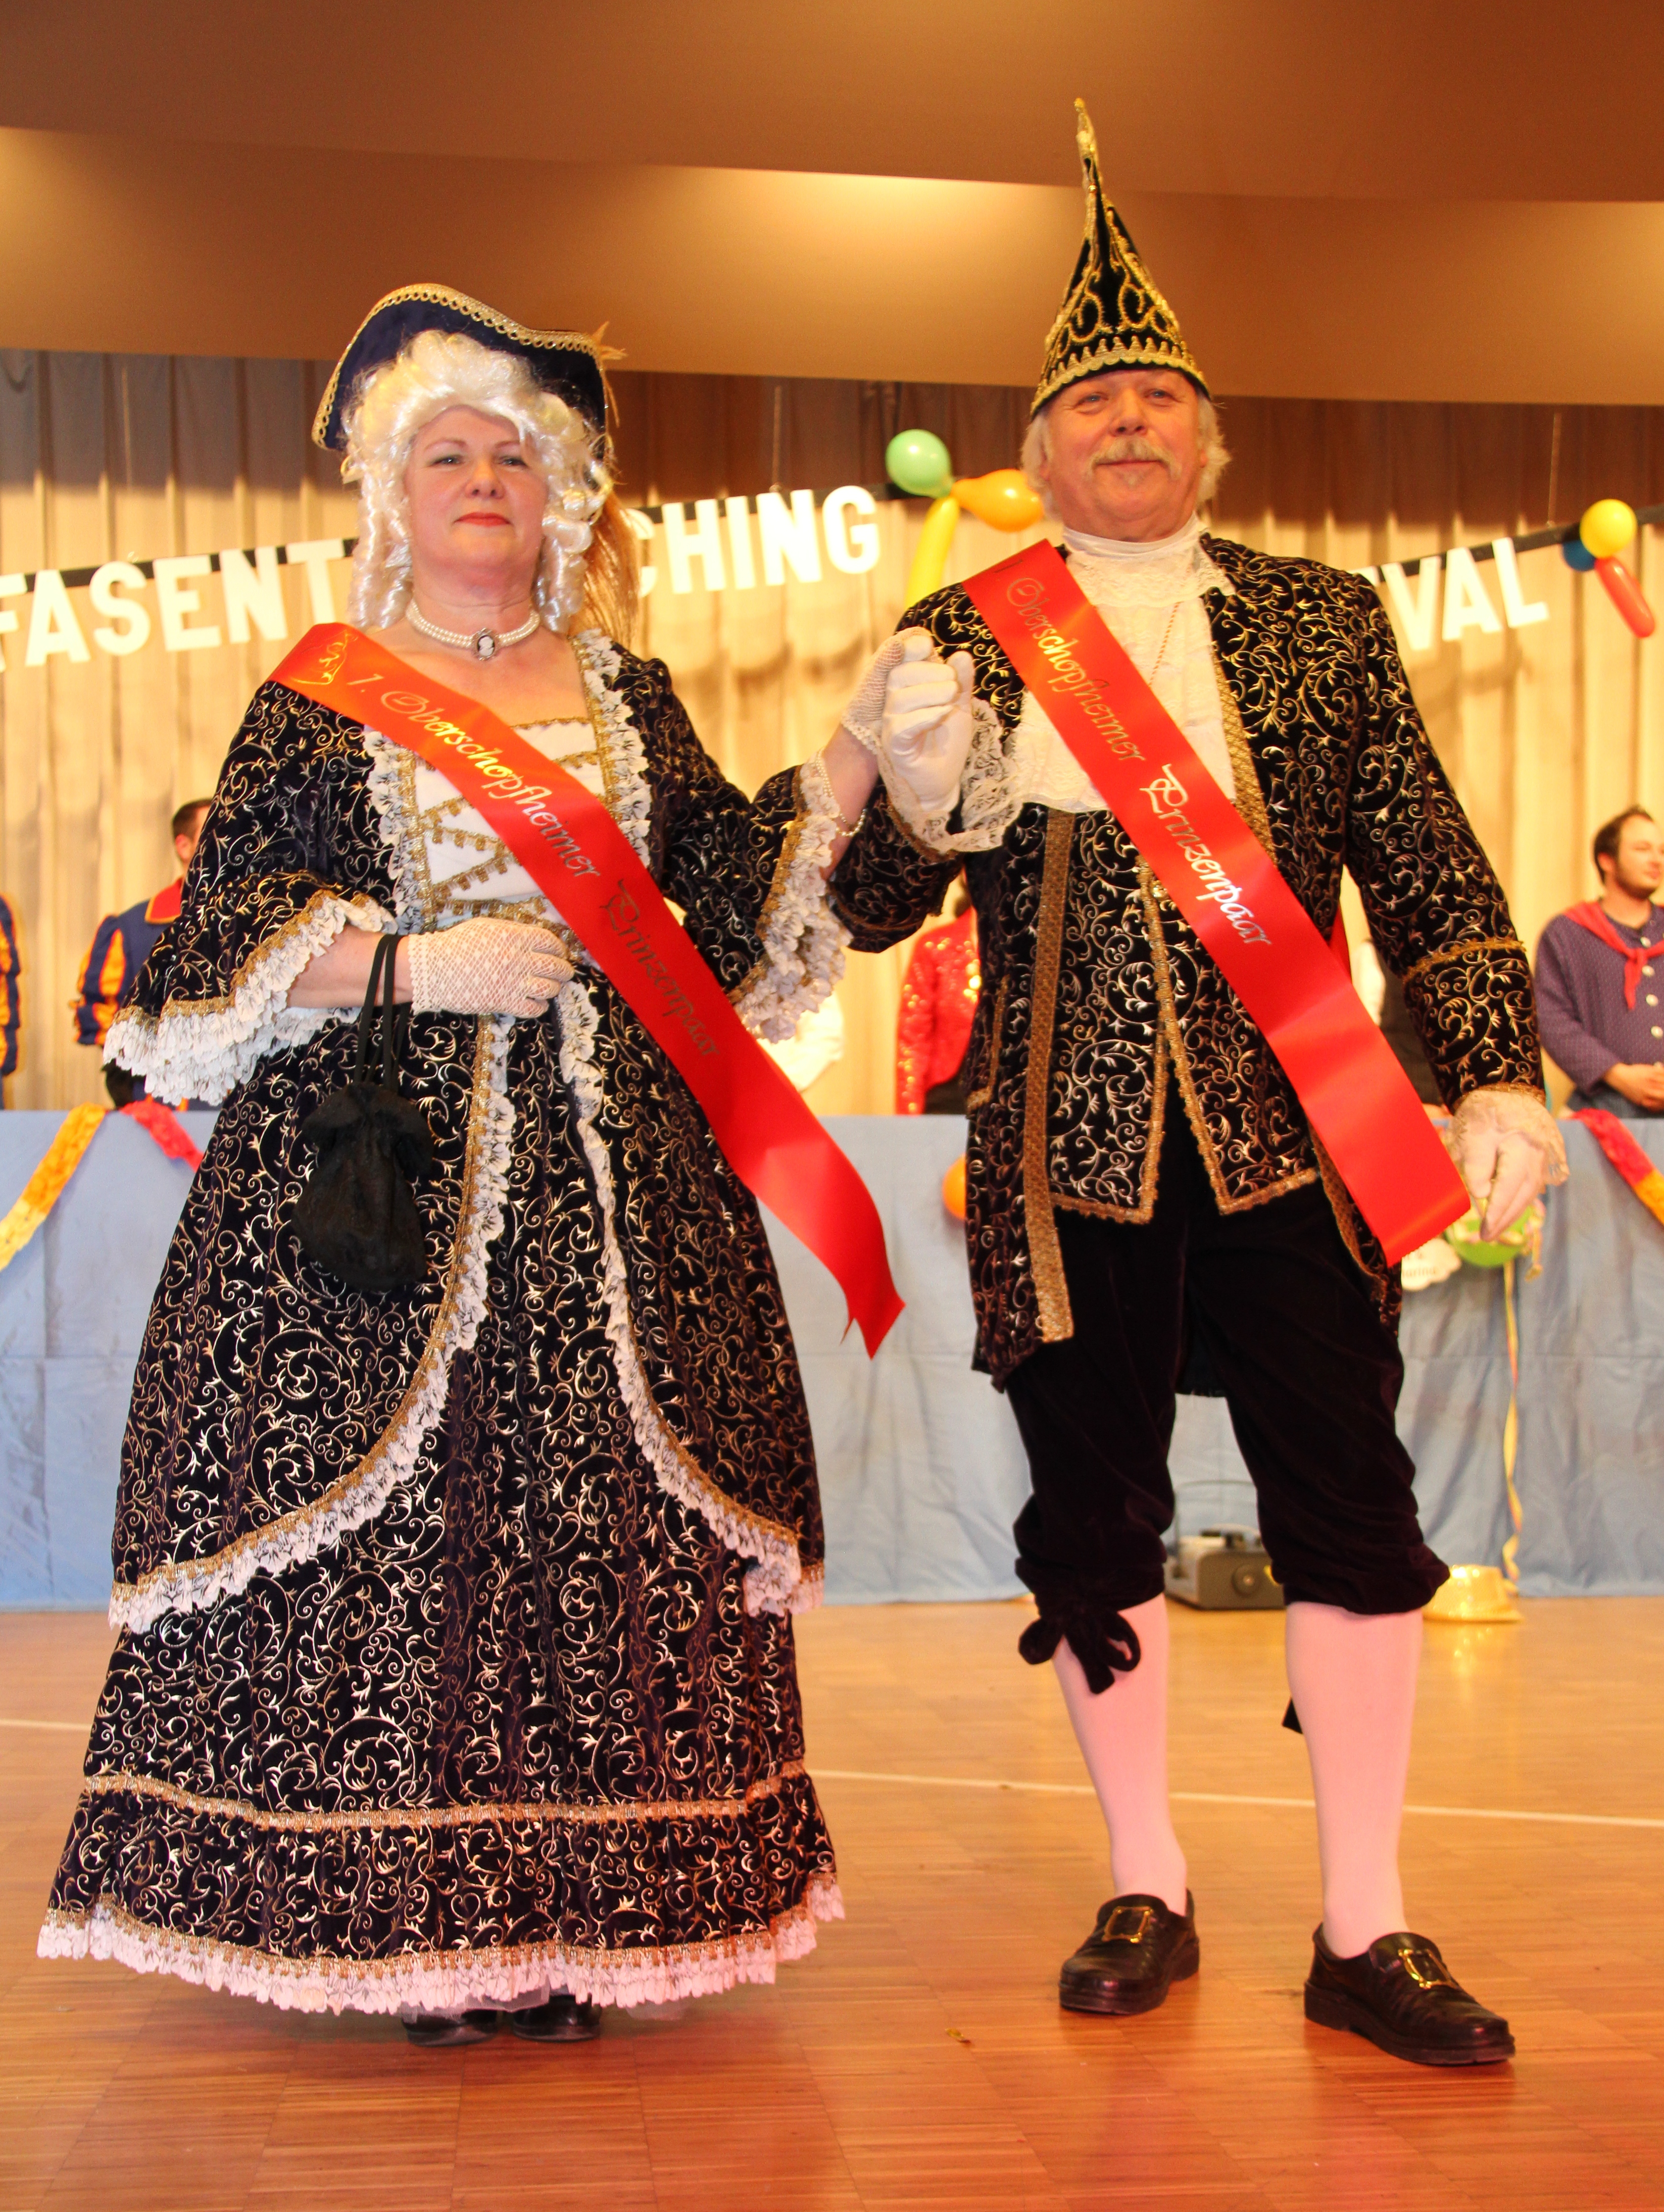 Erstes Prinzenpaar der Oberschopfener Fasent gewählt